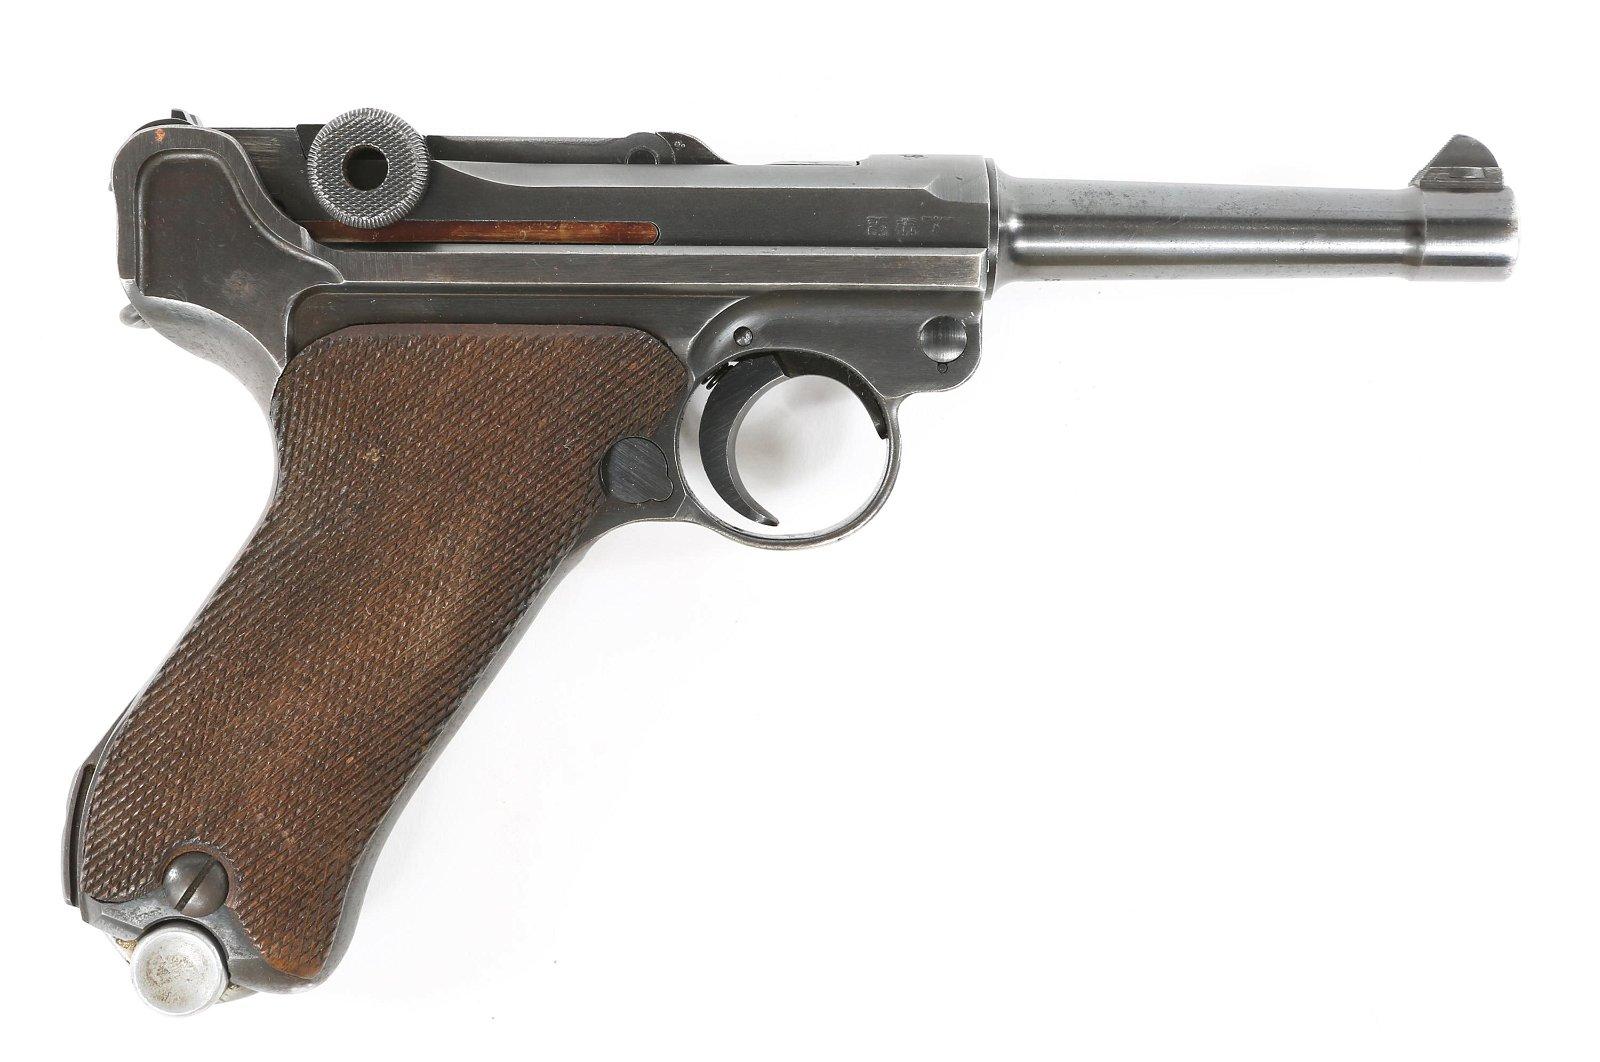 WWII GERMAN MAUSER MODEL P08 9mm PISTOL